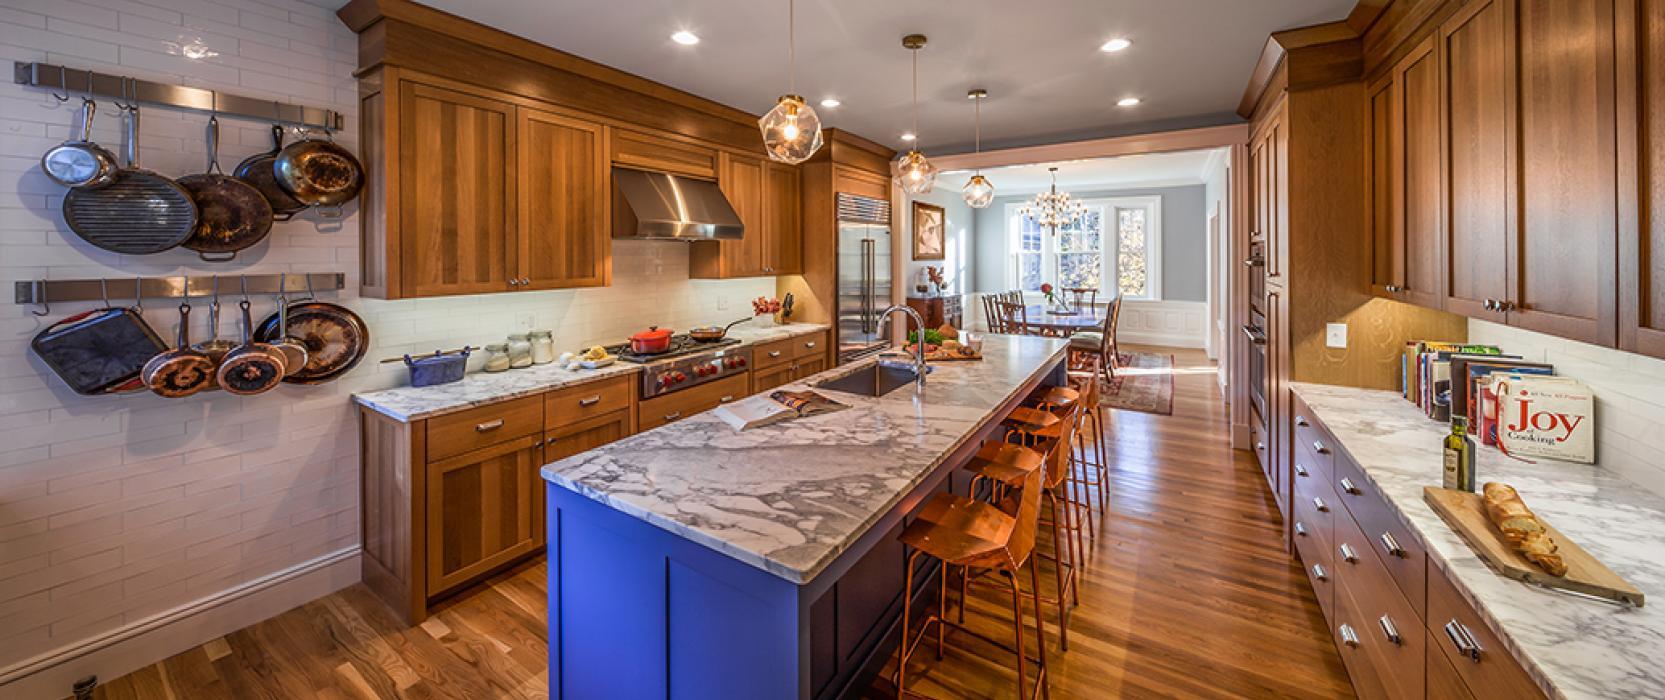 Kitchen renovation in Brookline